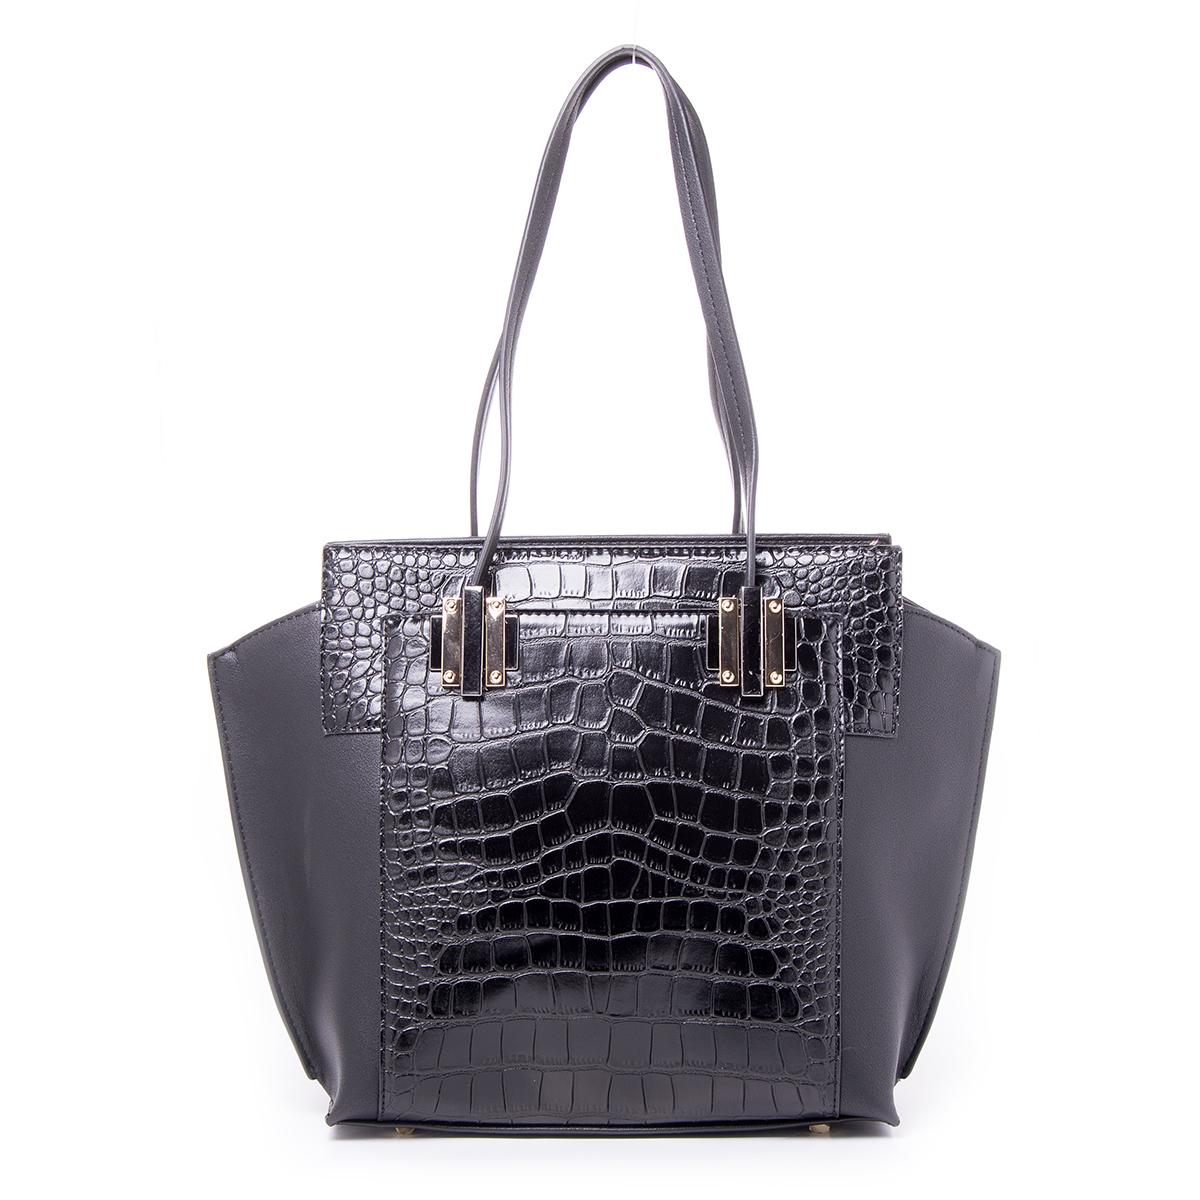 Сумка женская Renee Kler, цвет: черный. RF028-0173298с-1Стильная женская сумка Renee Kler выполнена из качественной искусственной кожи. Поверхность сумки выполнена с декоративным тиснением.Сумка имеет одно отделение и застегивается на молнию. Внутри отделения находятся два накладных кармана и один врезной карман на застежке-молнии. С двух сторон сумка дополнена большими накладными карманами на магнитных кнопках. Сумка оснащена двумя удобными ручками на металлической фурнитуре.